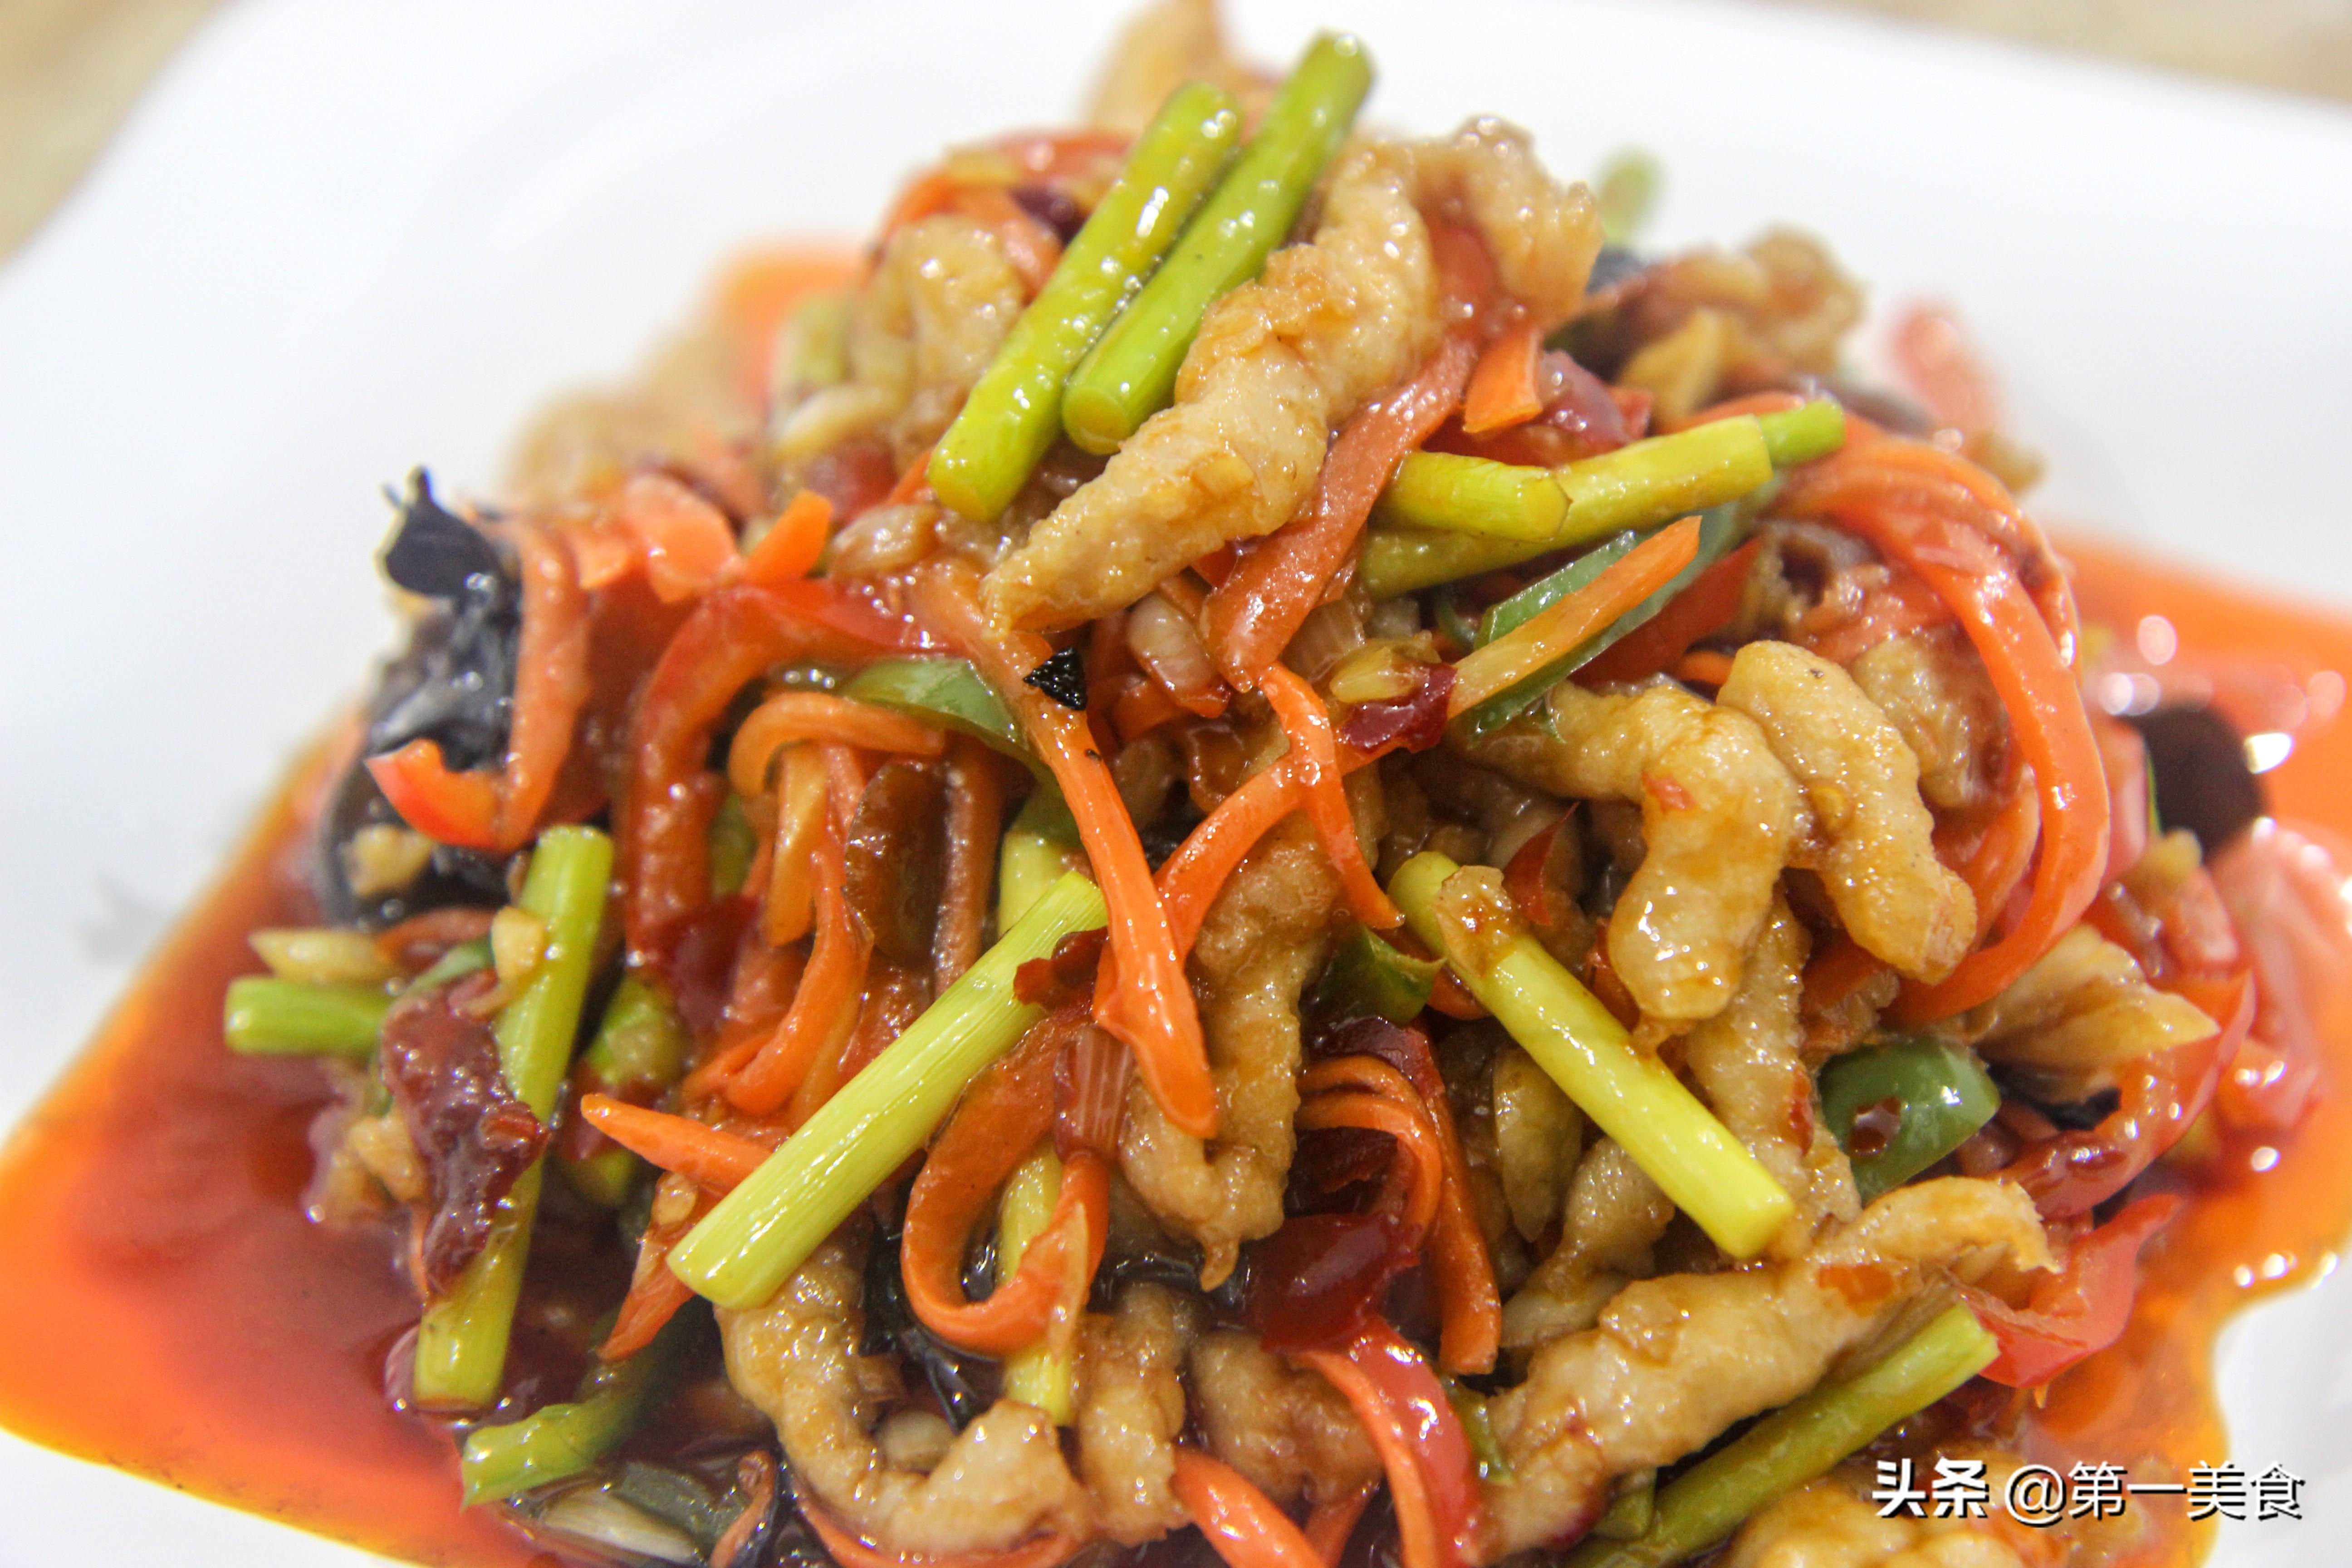 鱼香肉丝的家常做法,简单易学,色香味俱全,实用接地气 美食做法 第1张